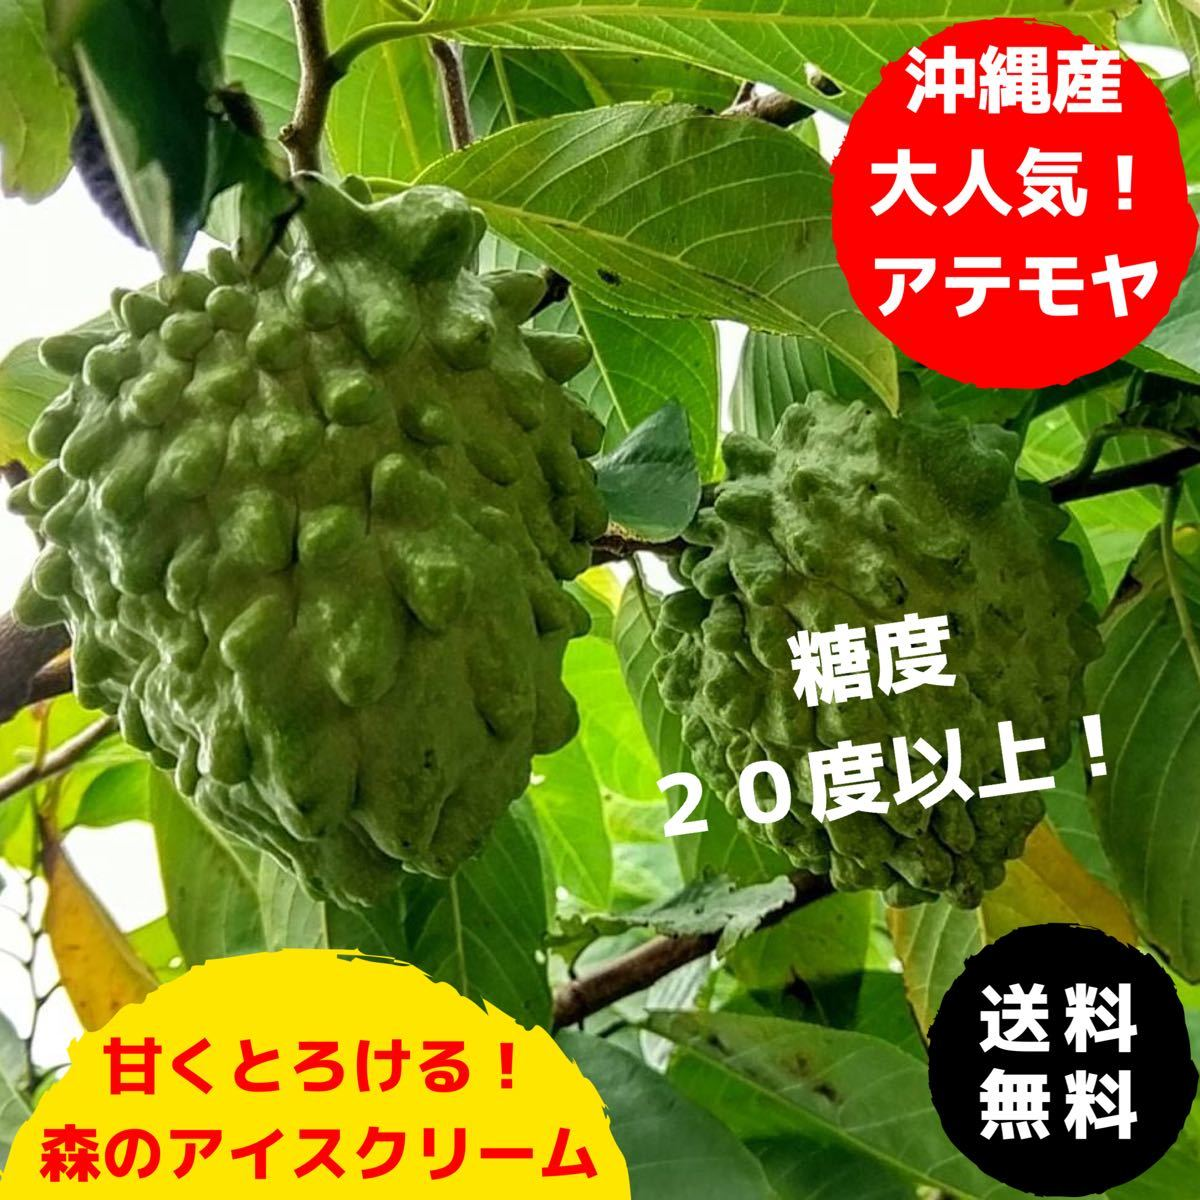 ギフトや贈答用に!甘くとろける!森のアイスクリーム沖縄産アテモヤ 秀品 1.5kg